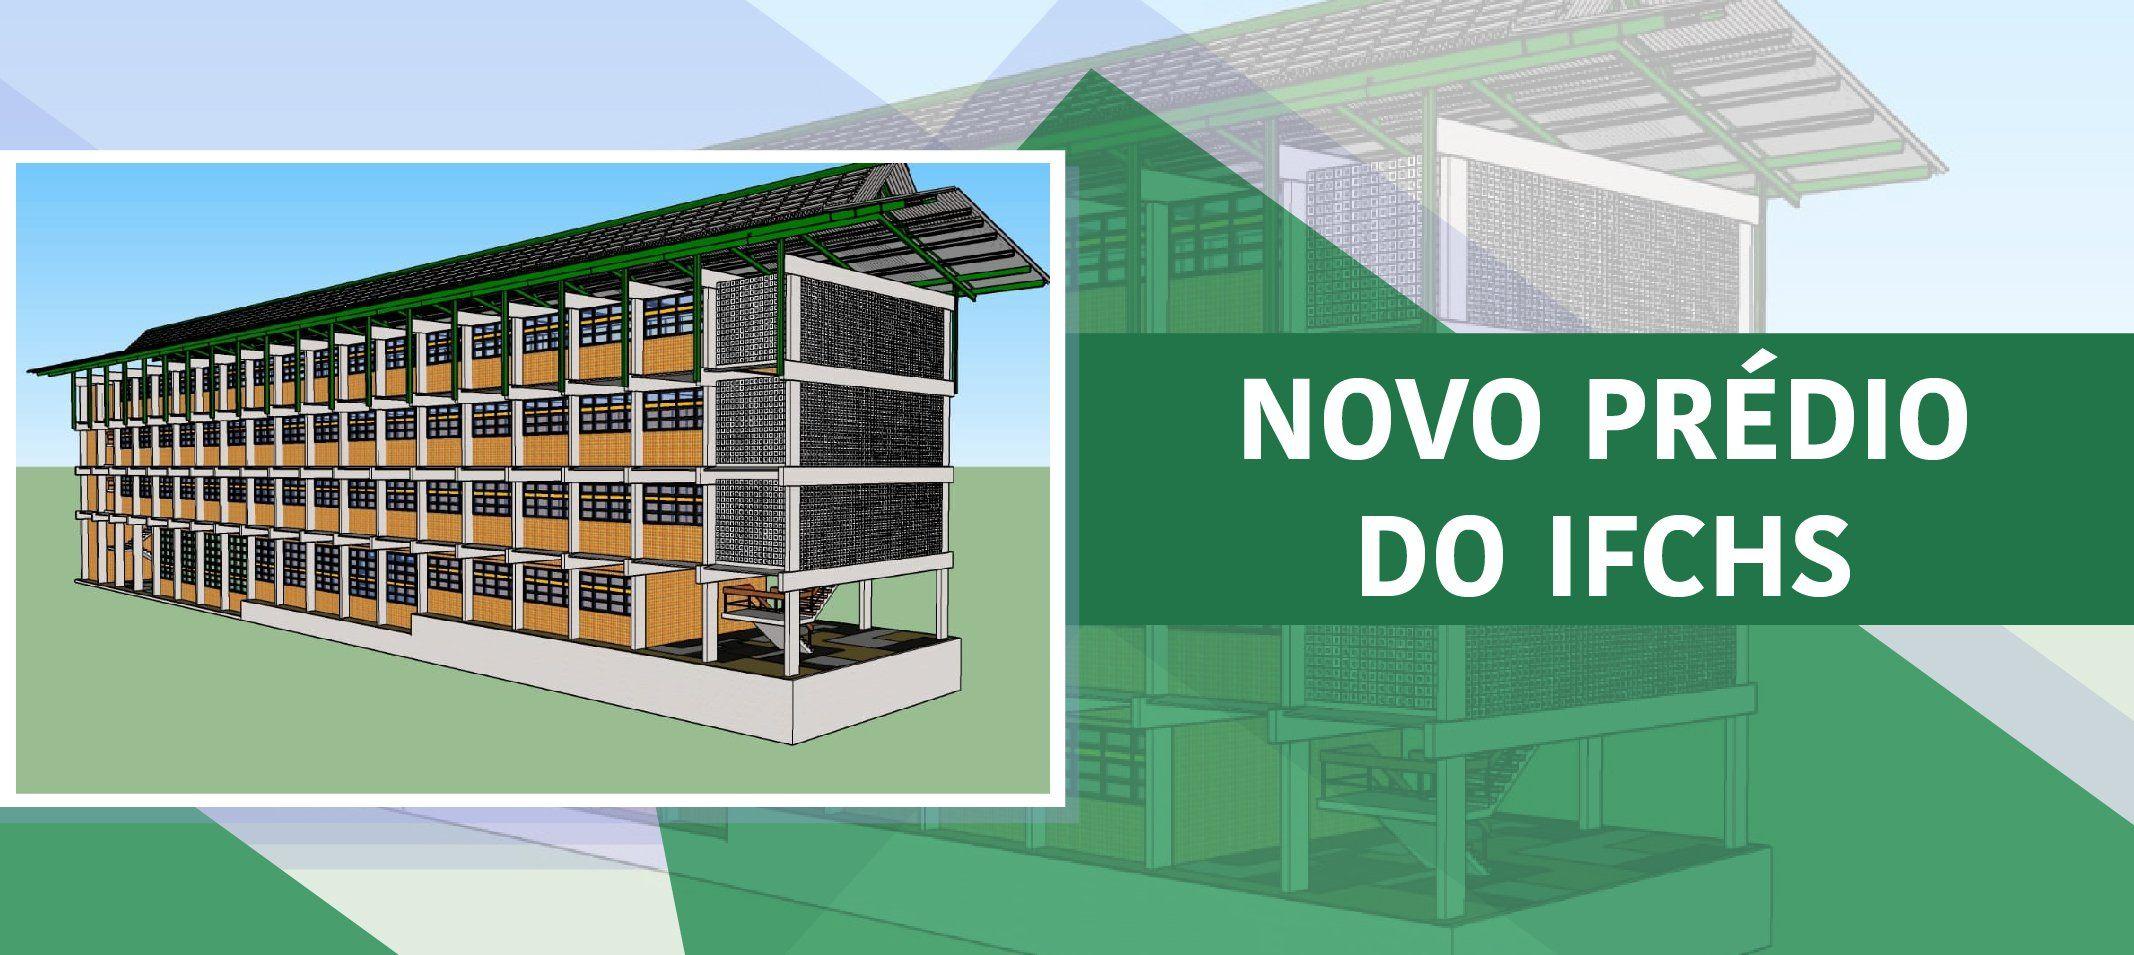 IFCHS terá novo bloco no setor Norte com térreo e mais três pavimentos